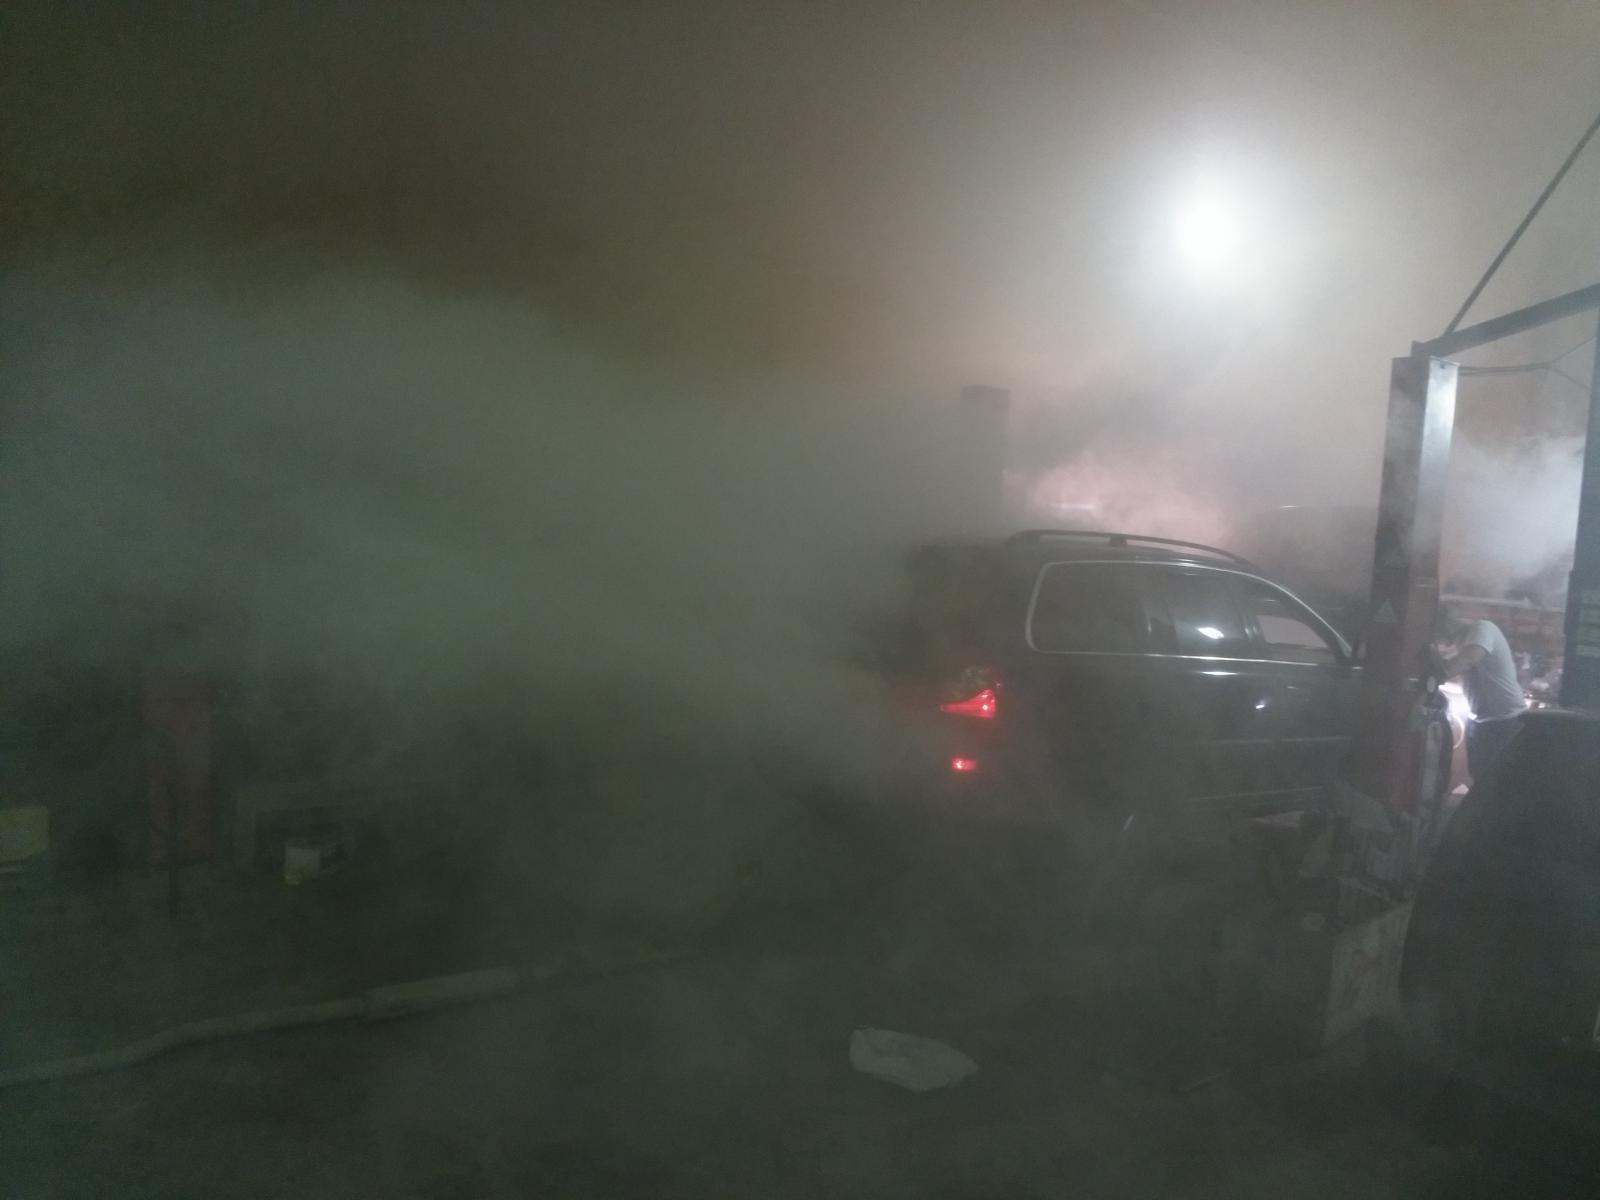 Локальный дымоаппокалипсис!